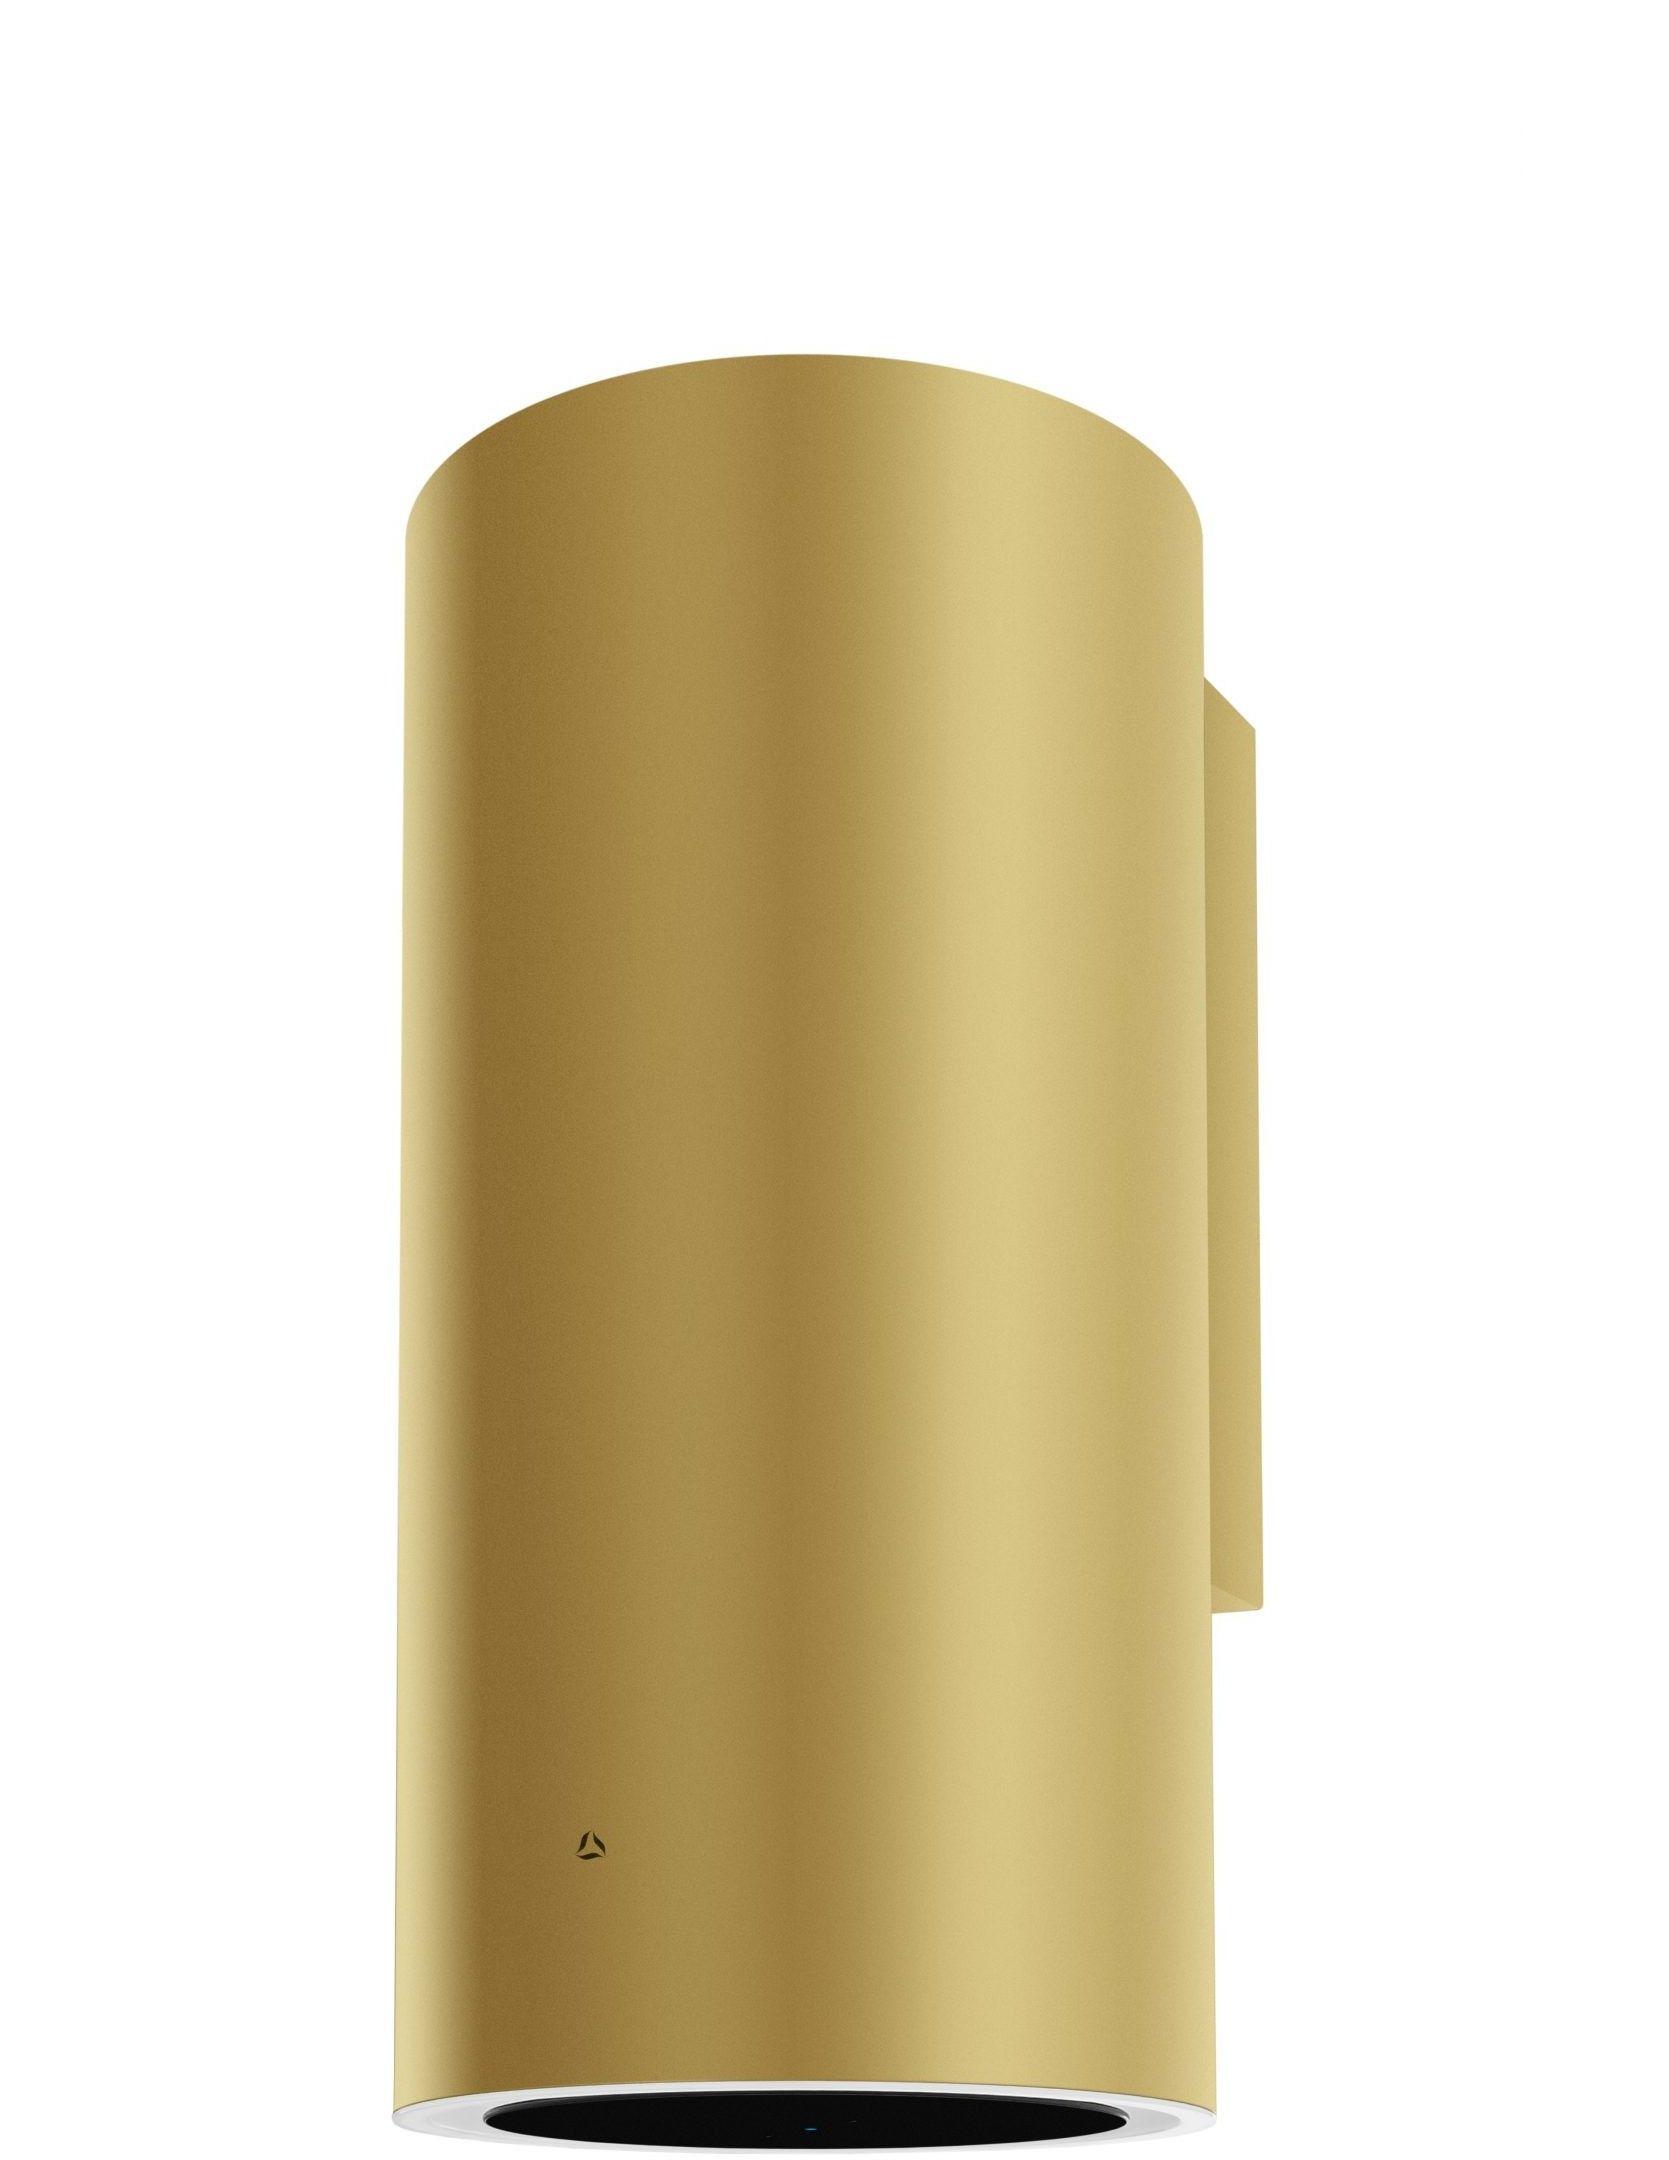 TUBUS Złoty Pochłaniacz z filtrem węglowym